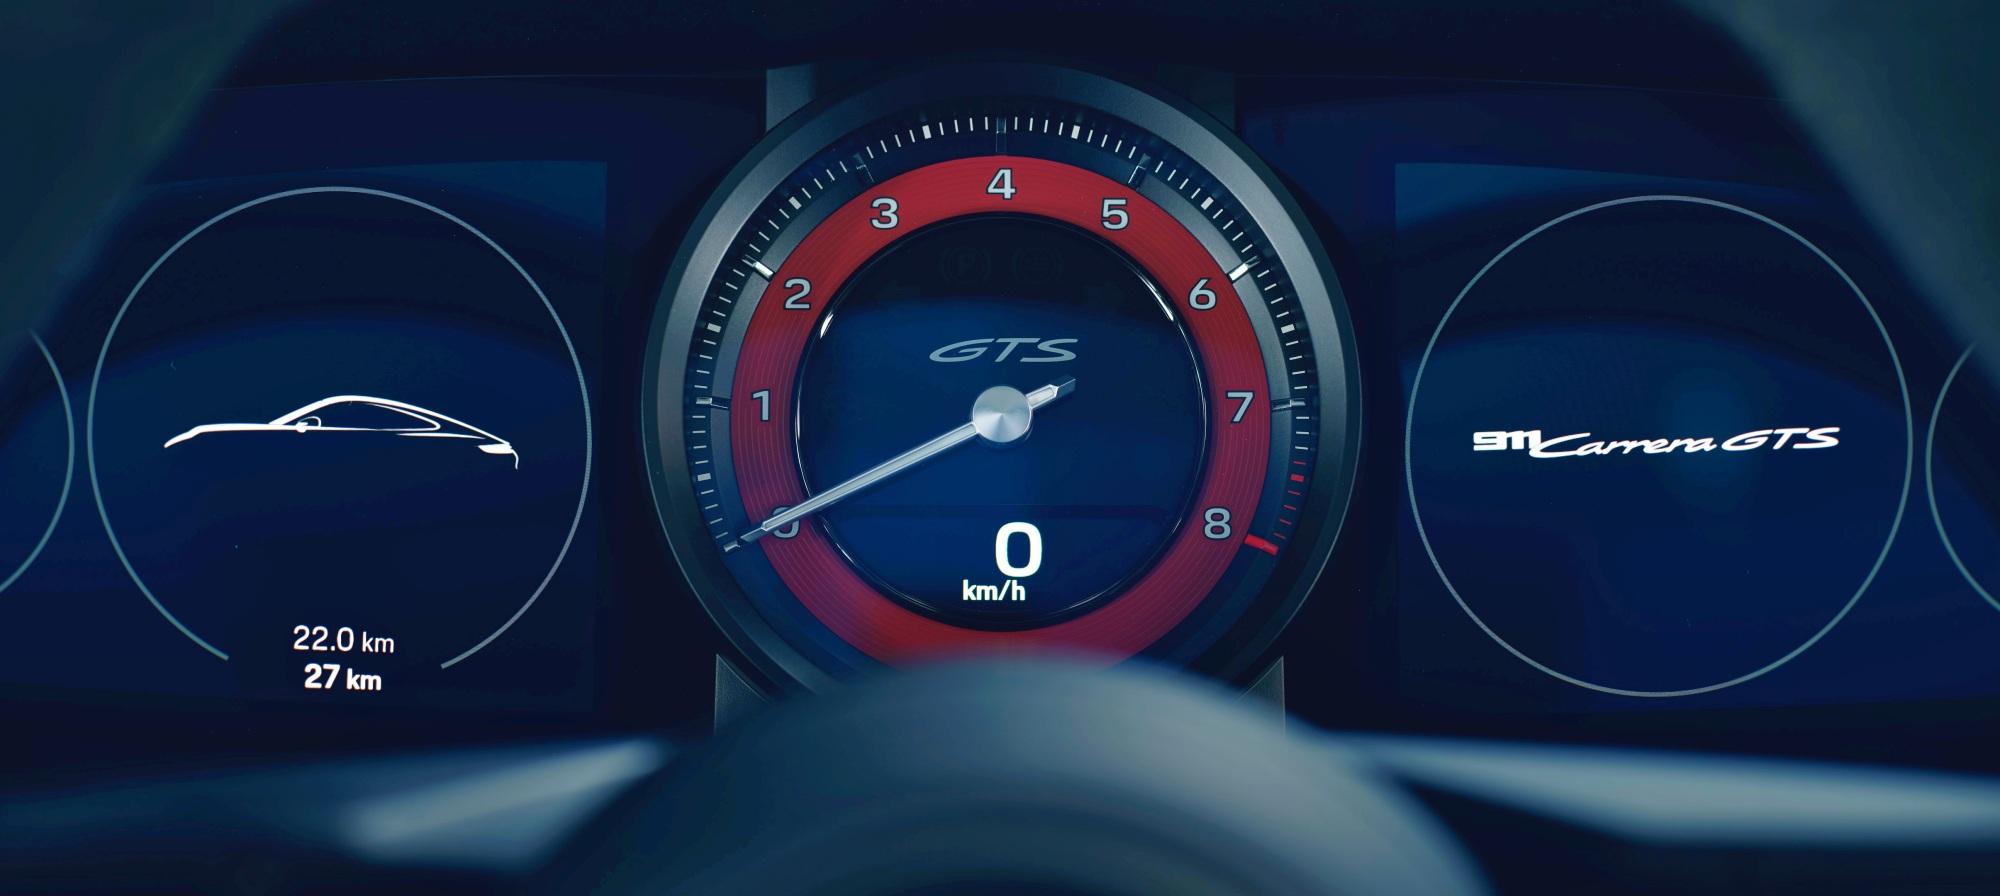 Porsche 911 GTS wskaźniki